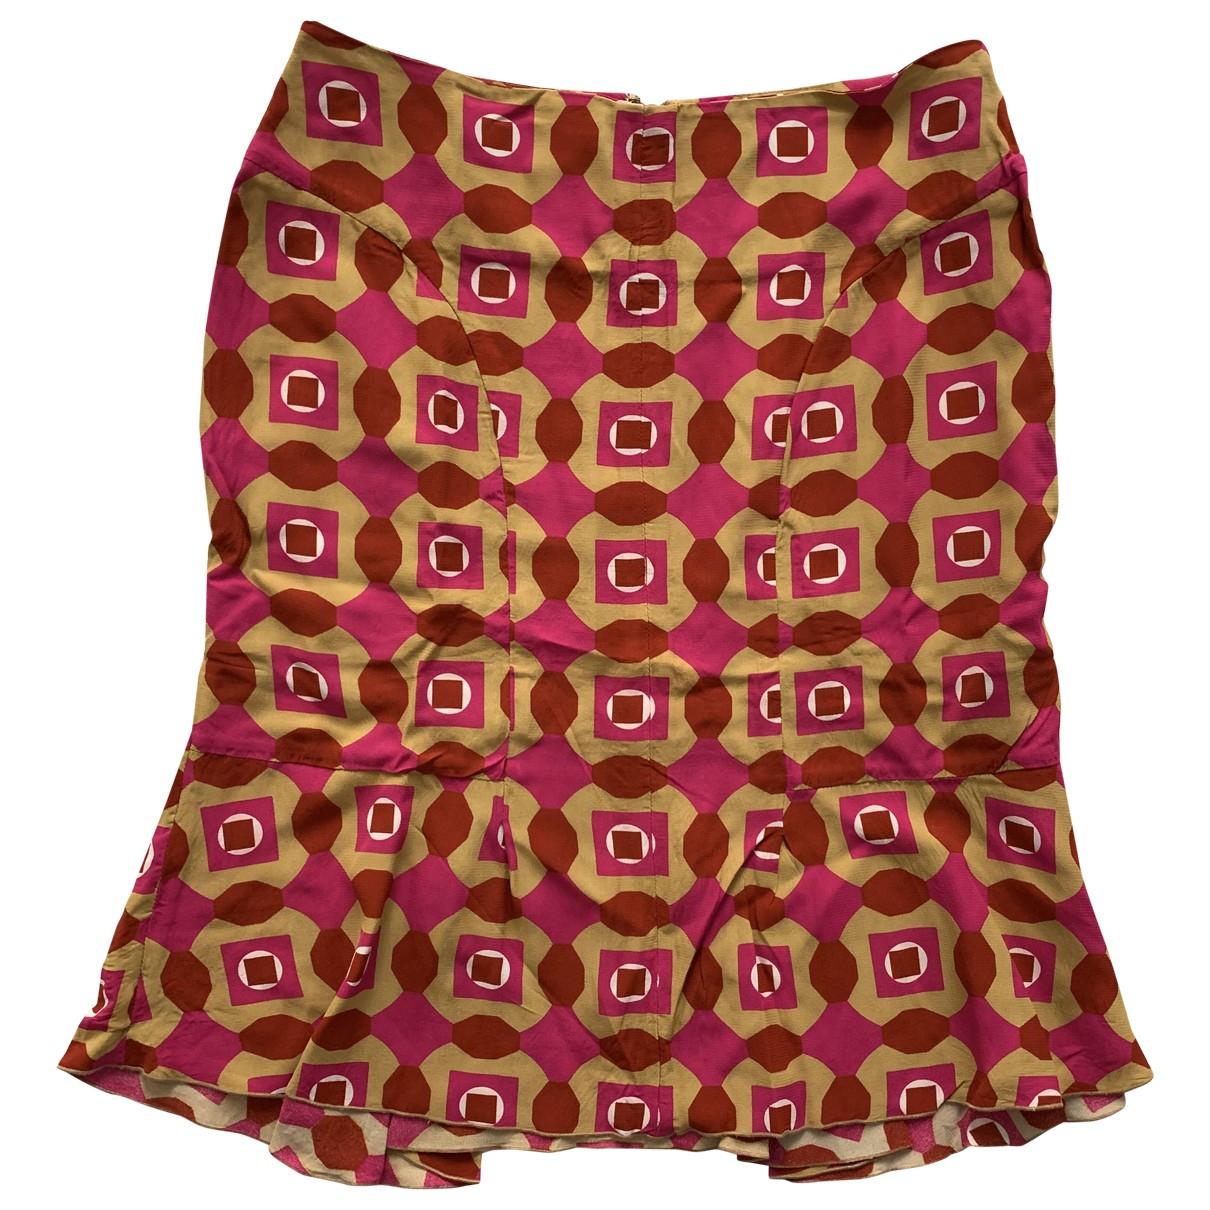 Marni \N Multicolour skirt for Women 44 IT